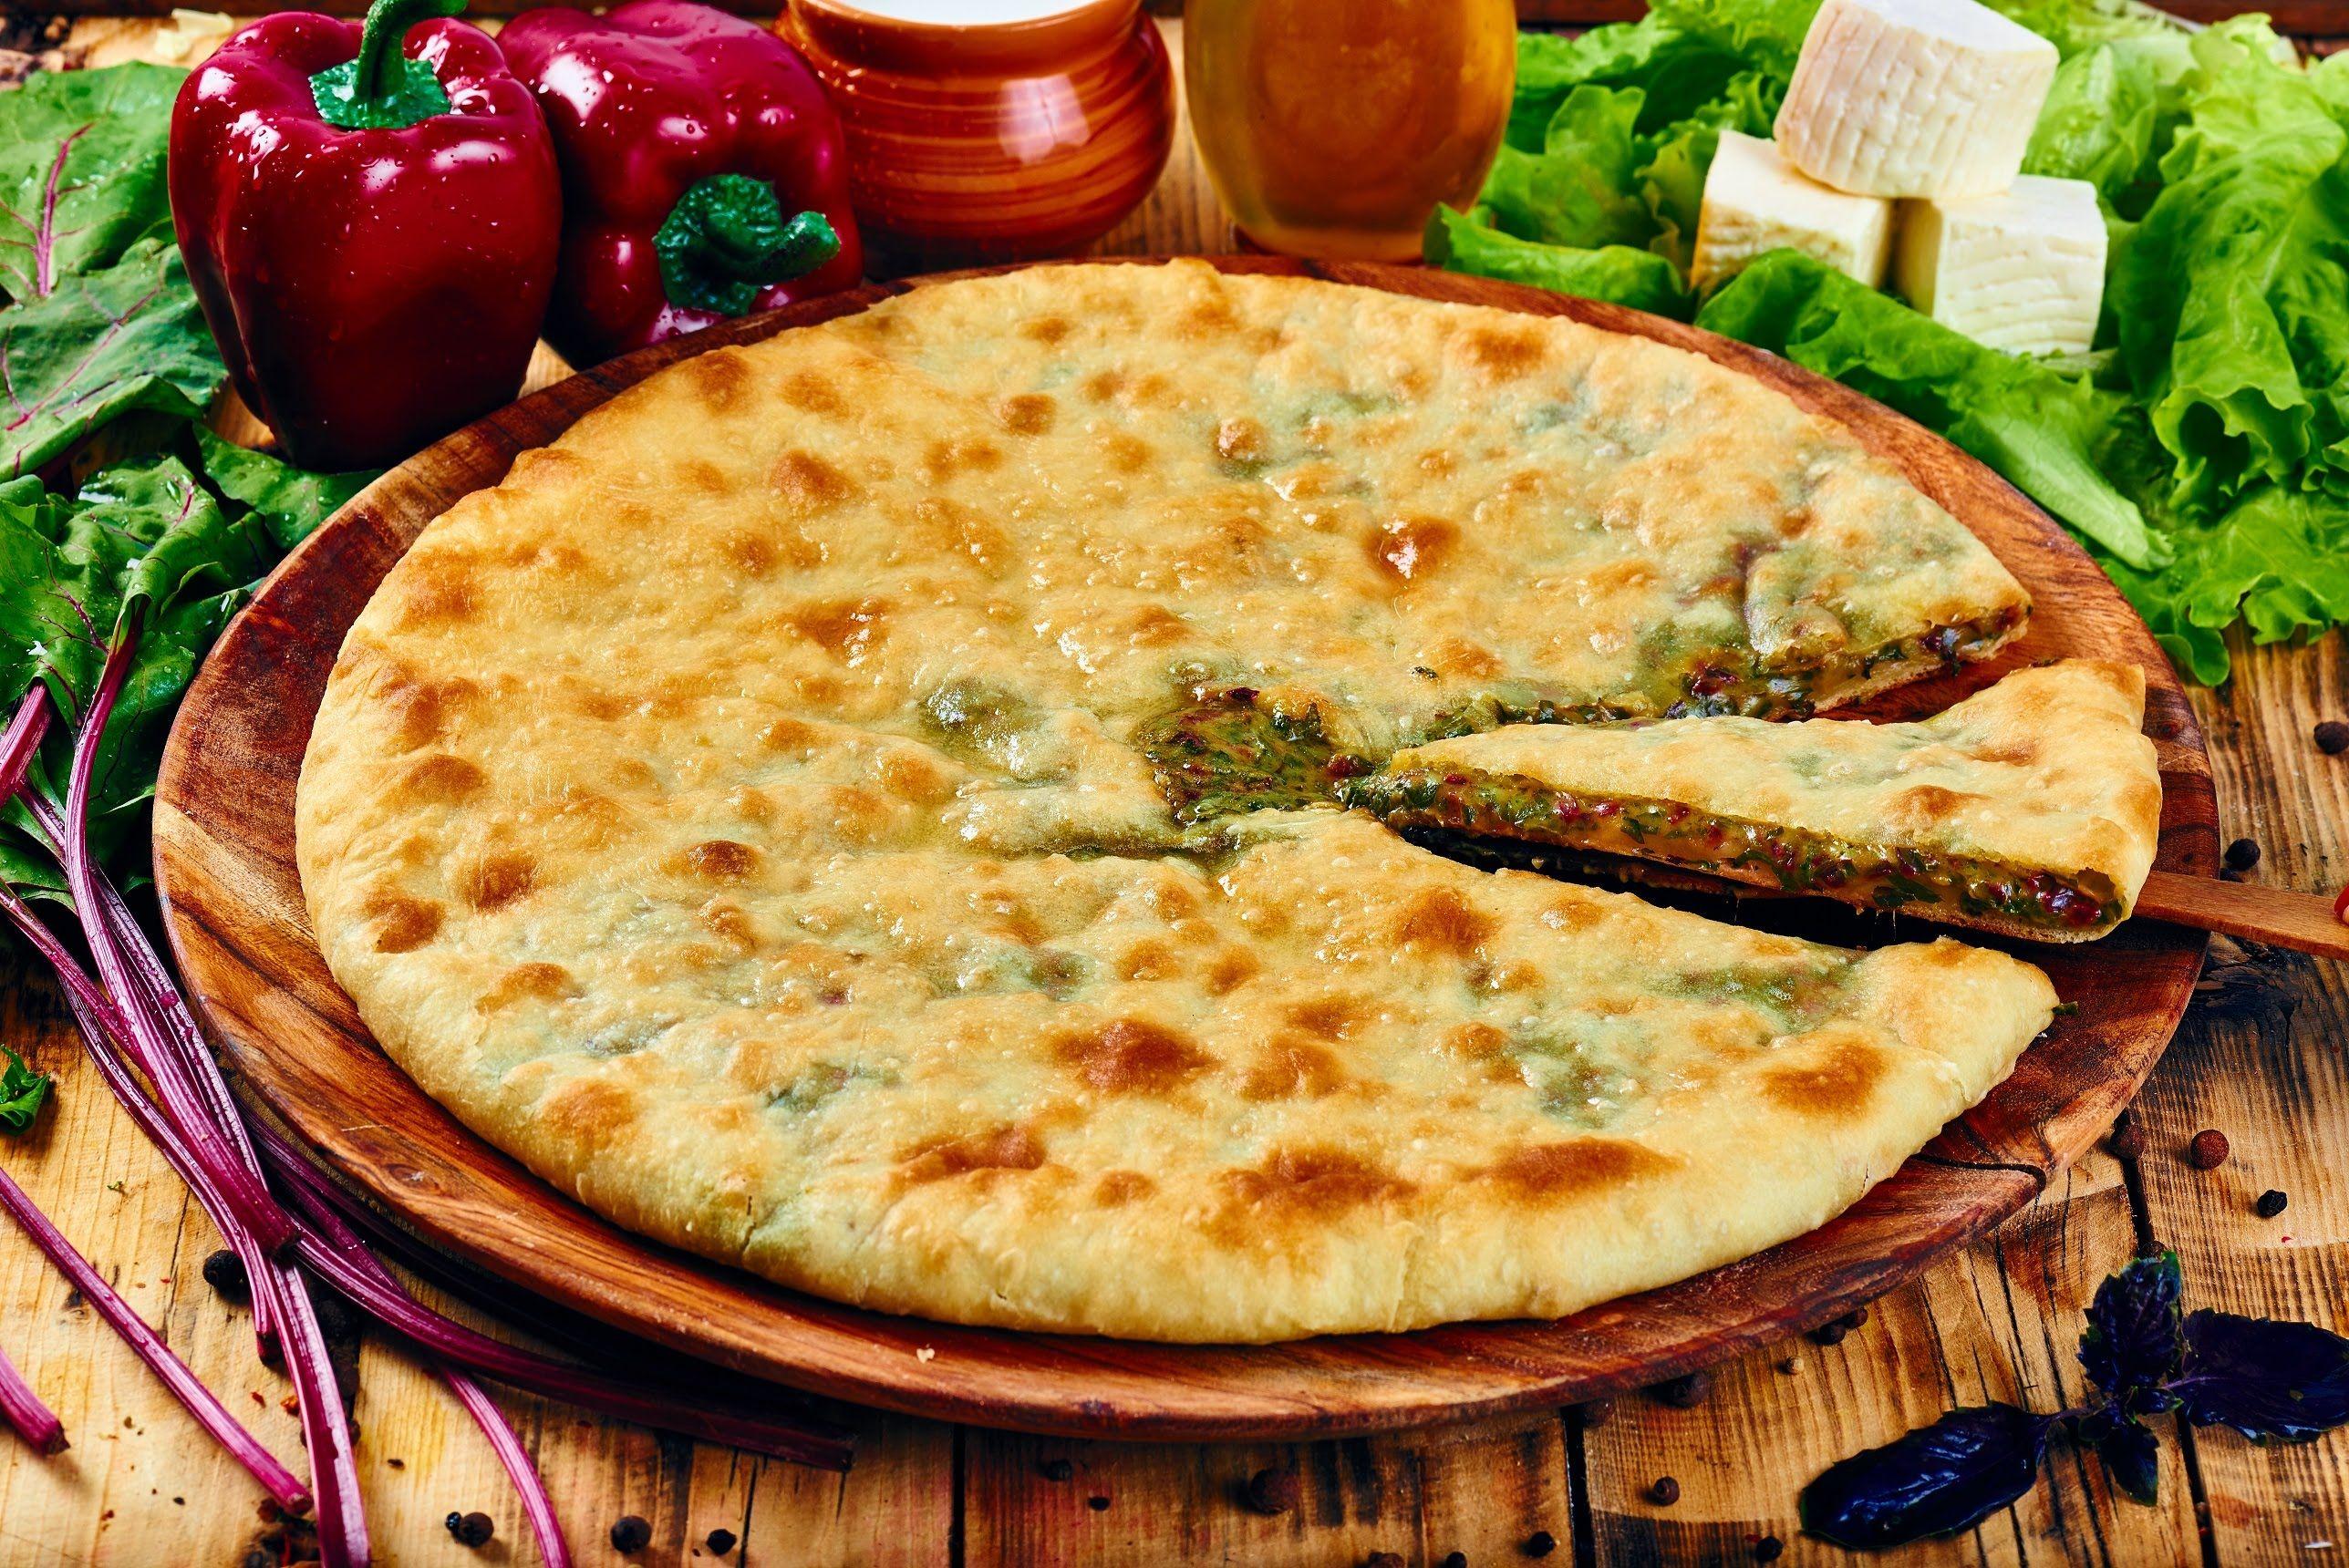 осетинская кухня рецепты с фото бесплатно